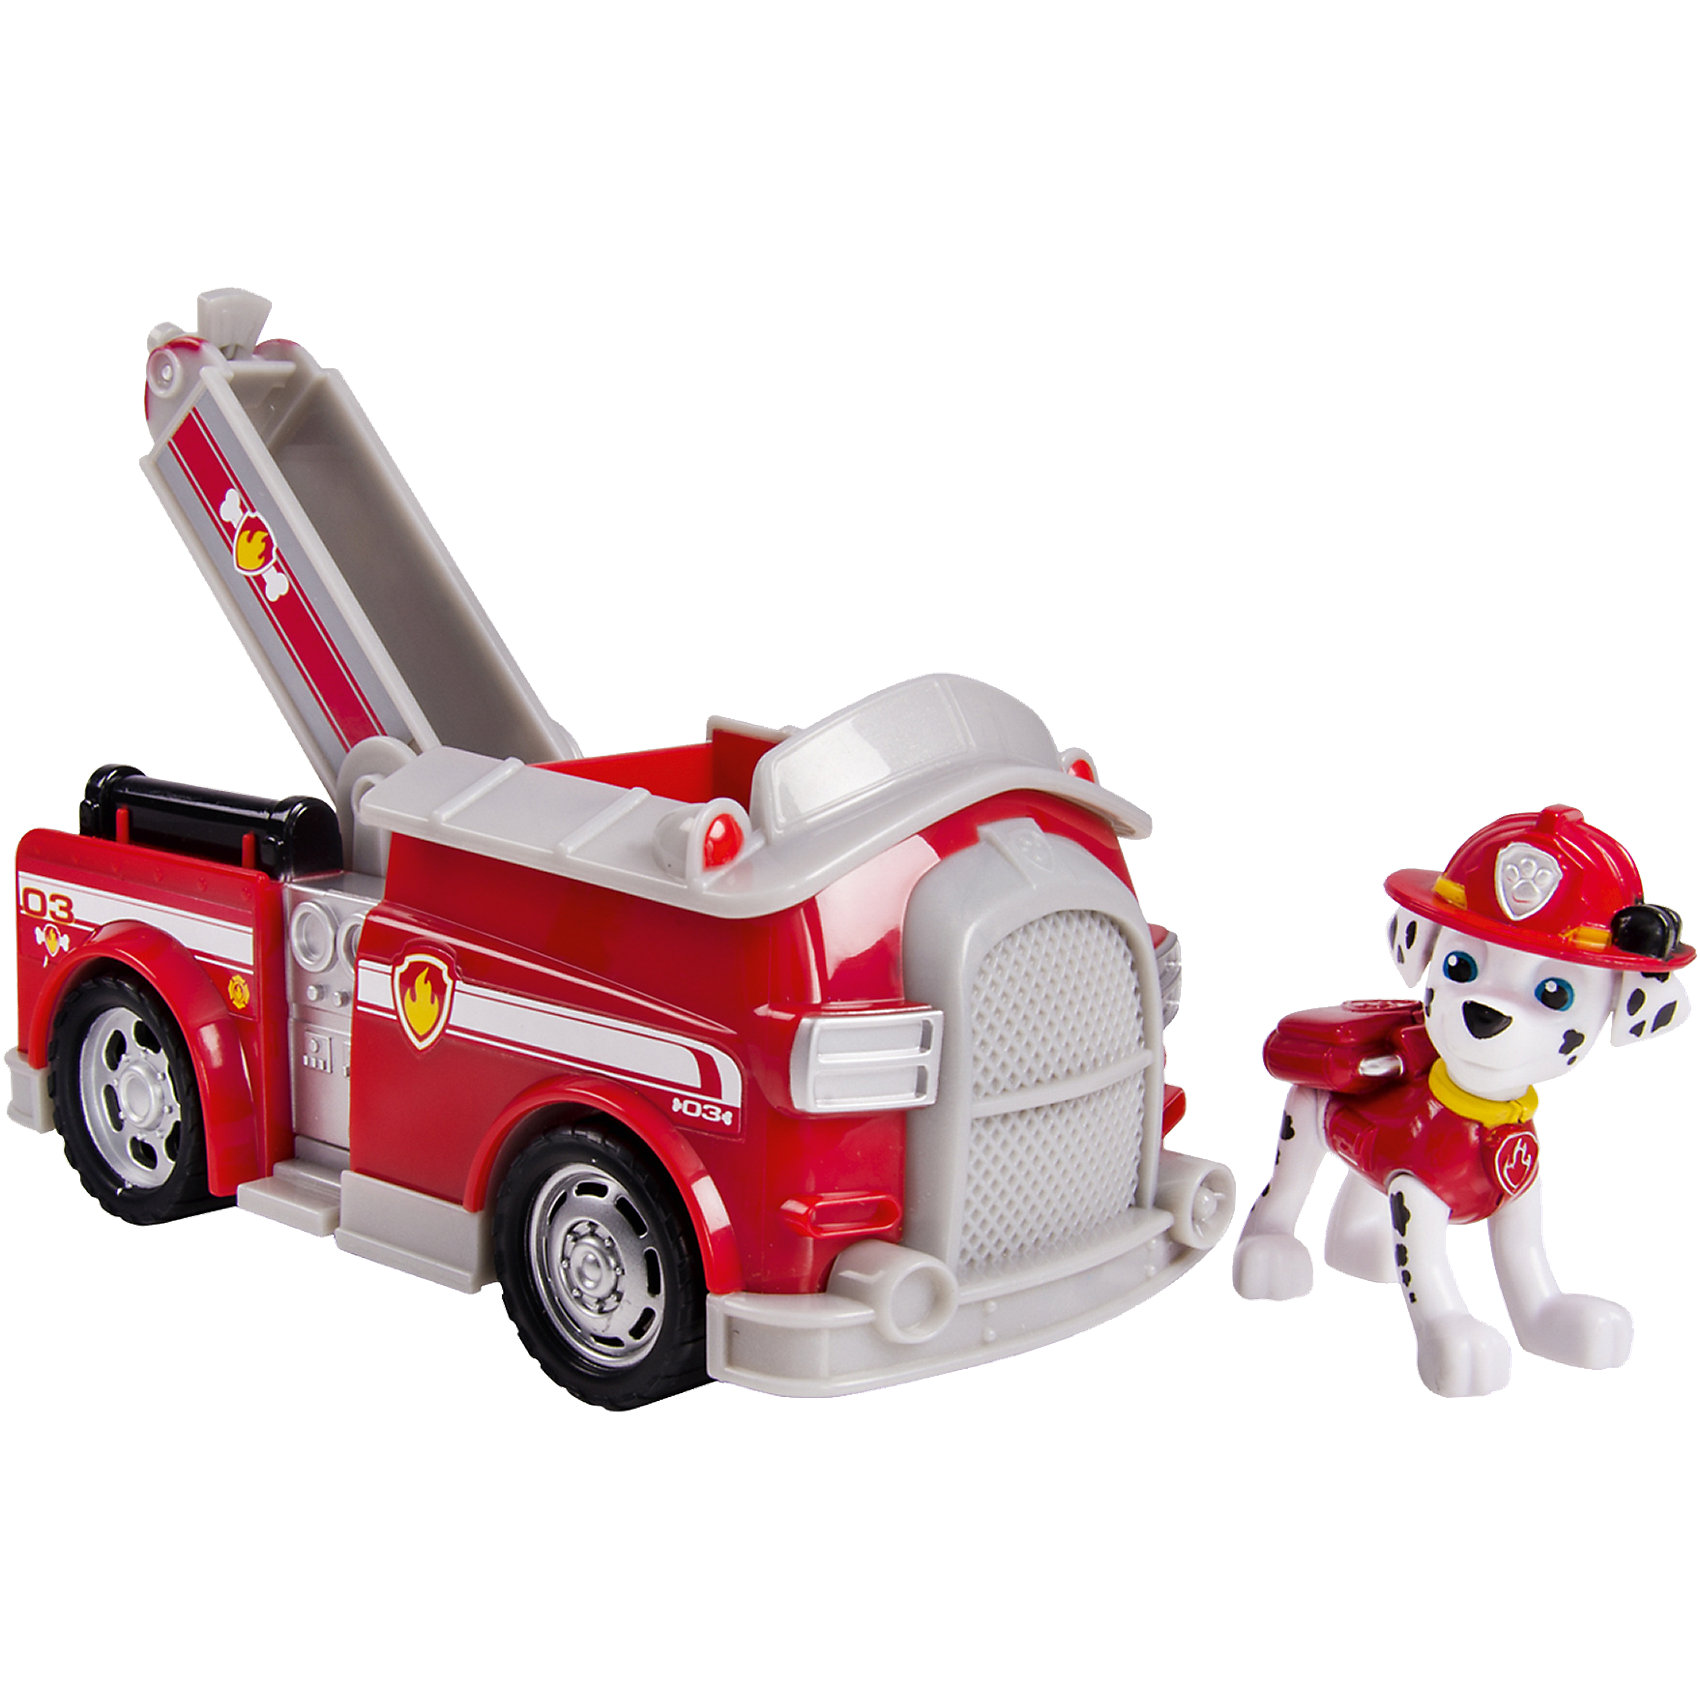 Машинка спасателя и щенок Маршал, Щенячий патруль, Spin MasterИгровые наборы<br>Маршал - смелый и отважный щенок-спасатель из известного мультсериала Щенячий патруль(Paw Patrol). Он ездит на пожарной машине и всегда готов прийти на помощь! Скорее посади щенка в машину и отправляйся на поиски приключений. Все детали игрушки выполнены из высококачественных материалов. Машинка и щенок прекрасно детализированы и реалистично раскрашены. Собери всех героев из серии Paw Patrol (Щенячий патруль), проигрывай сцены из мультфильма или придумывай свои новые истории.<br><br>Дополнительная информация:<br><br>- Материал: пластик. <br>- Размер машинки: 17 см. <br>- У щенка подвижные ноги и голова.<br>- Колеса машинки вращаются.<br>- Комплектация: машинка, щенок.<br><br>Машинку спасателя и щенка Маршала, Щенячий патруль, Spin Master (Спин Мастер) можно купить в нашем магазине.<br><br>Ширина мм: 95<br>Глубина мм: 216<br>Высота мм: 191<br>Вес г: 416<br>Возраст от месяцев: 36<br>Возраст до месяцев: 72<br>Пол: Унисекс<br>Возраст: Детский<br>SKU: 4045786